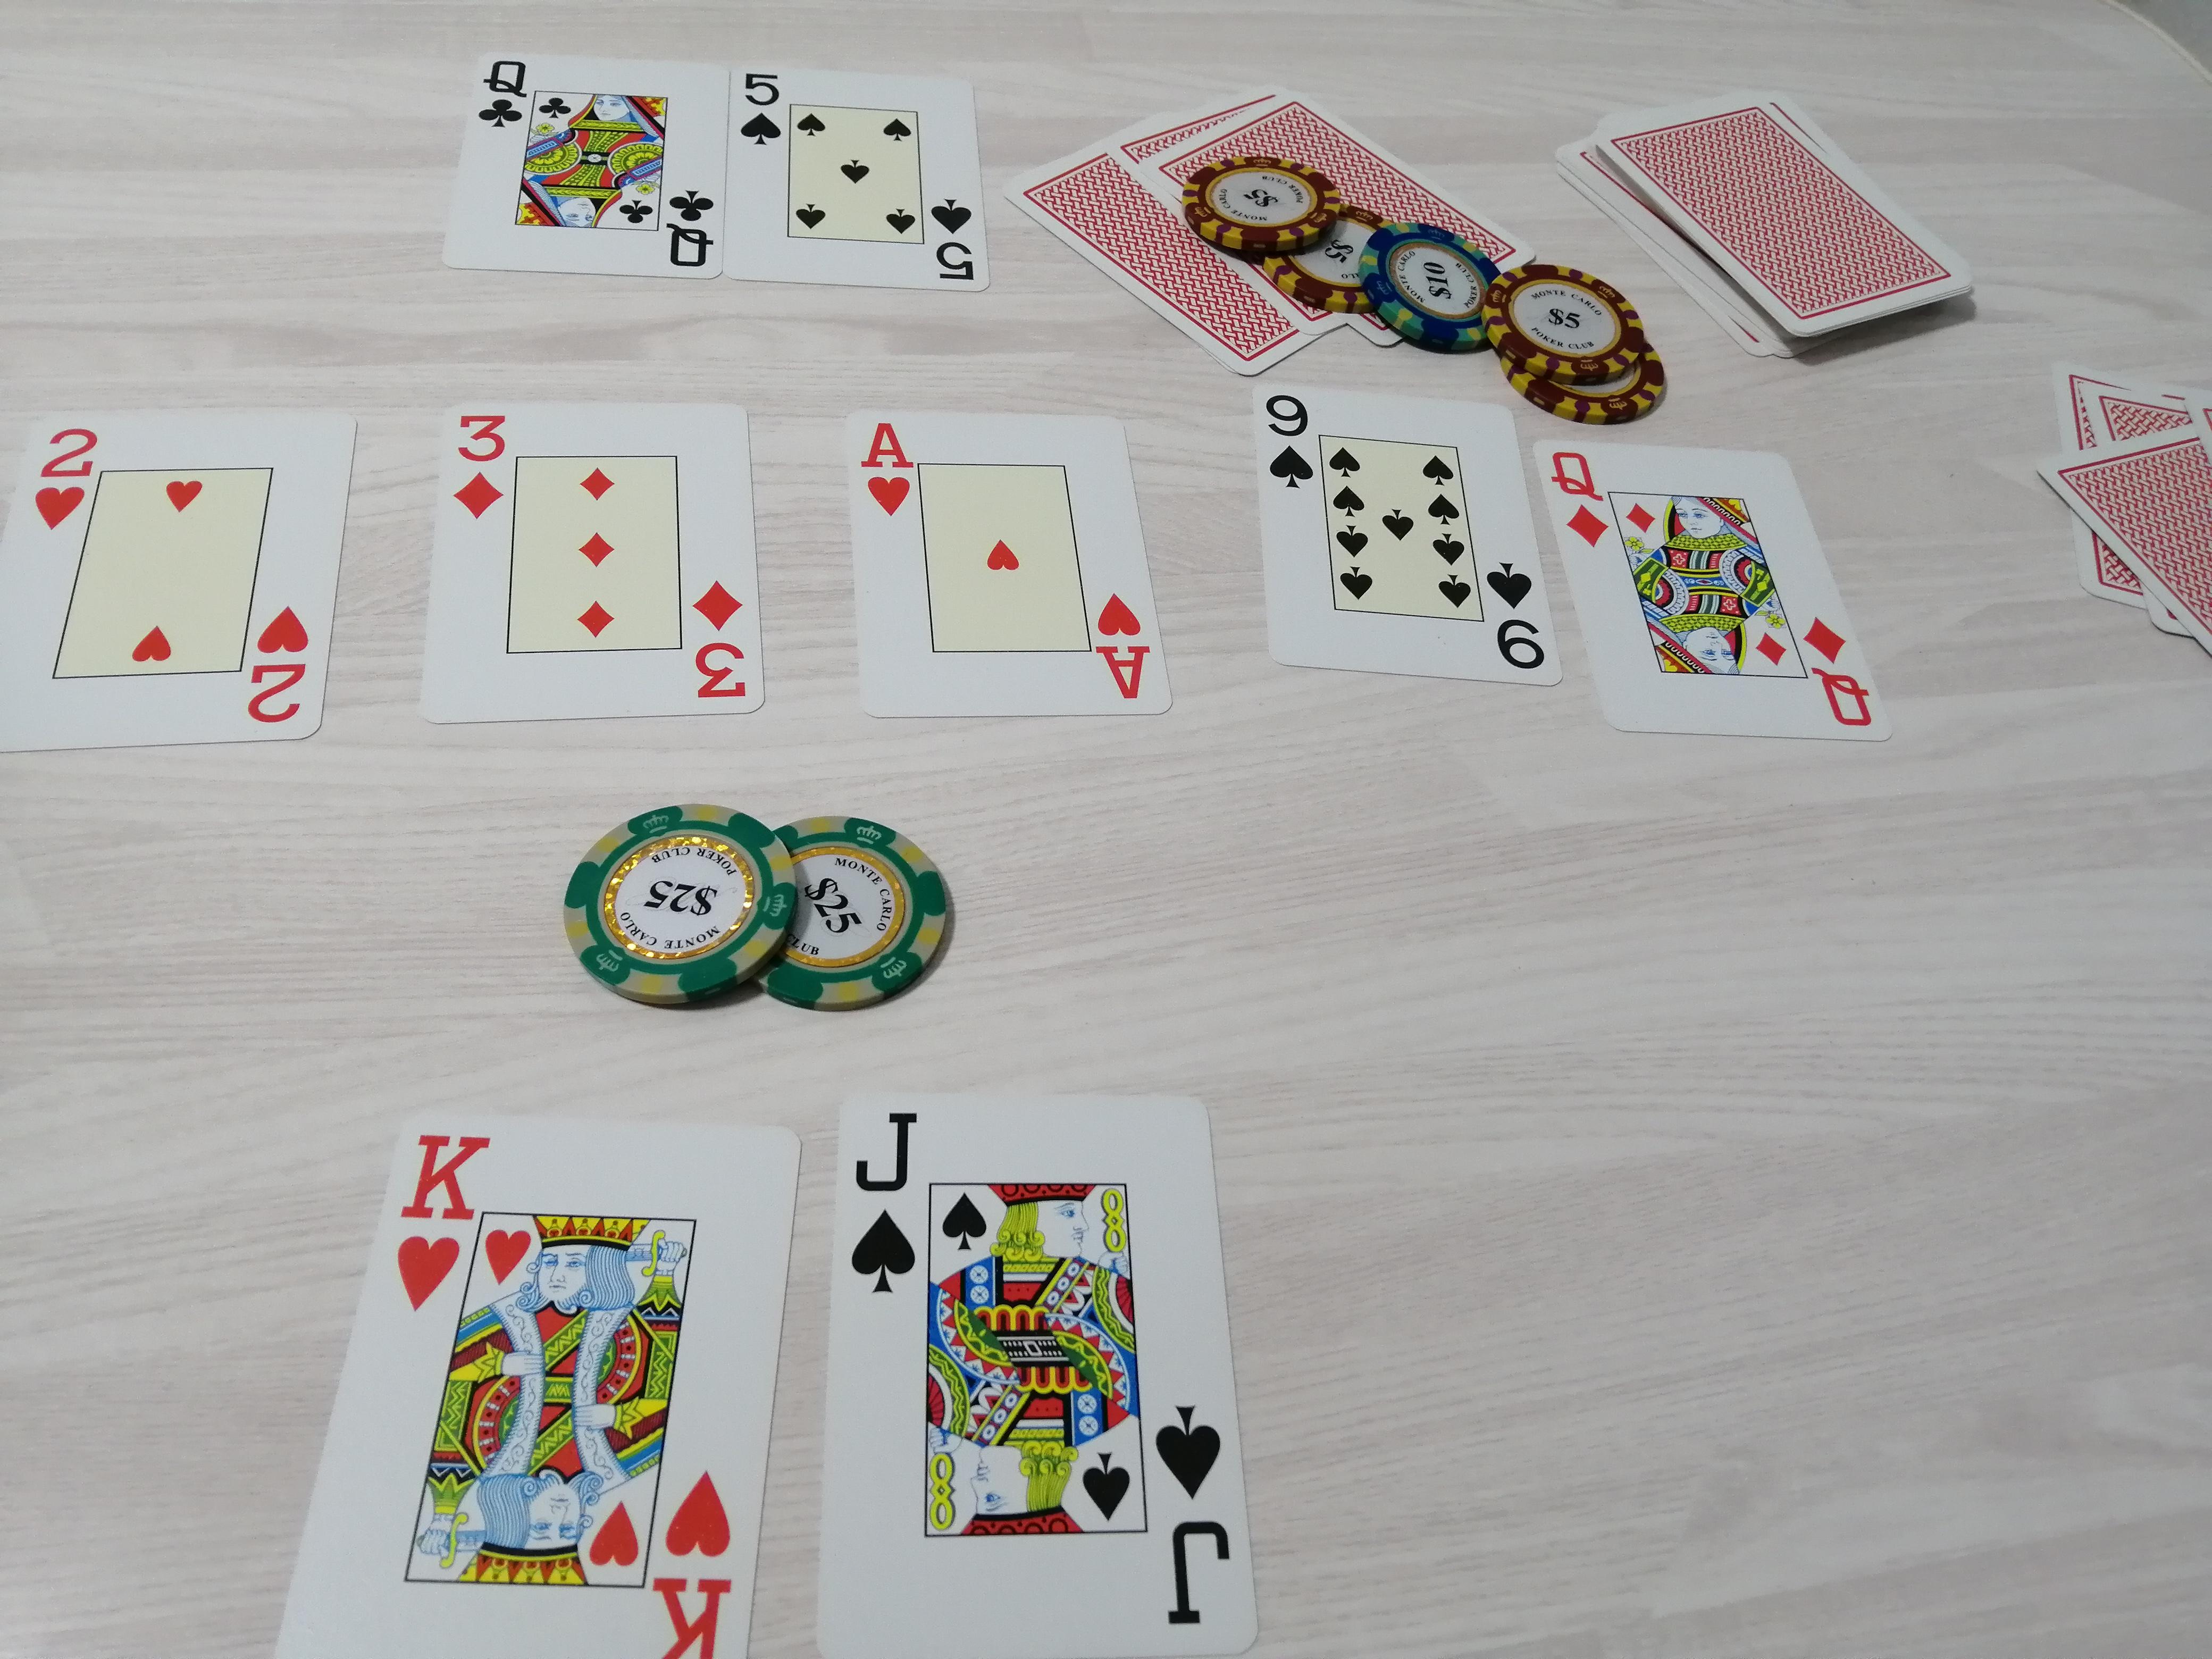 ポーカー ブラフ失敗